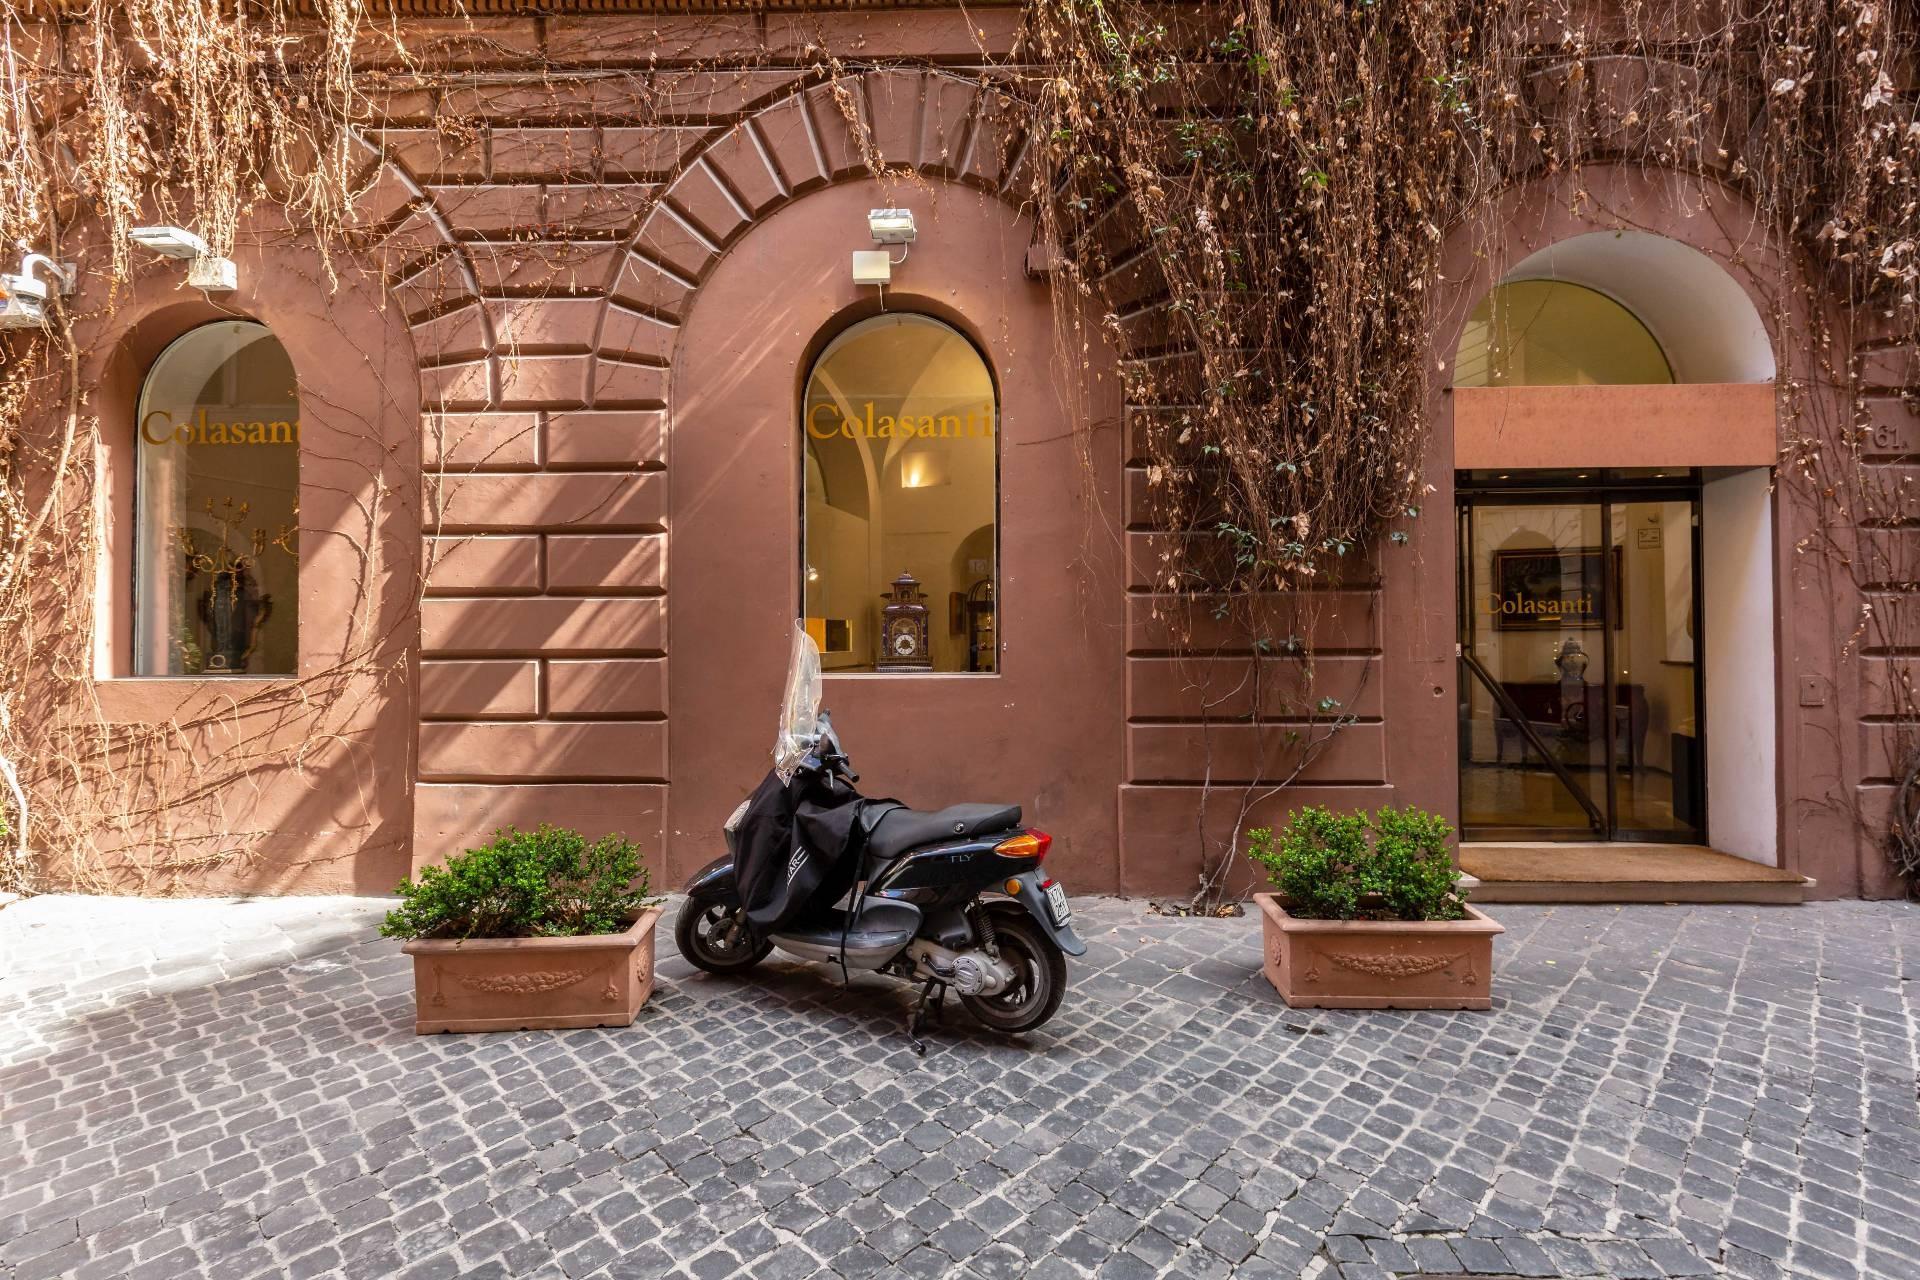 Cbi100 43521pq negozio in affitto a roma centro for Affitto ufficio centro storico roma